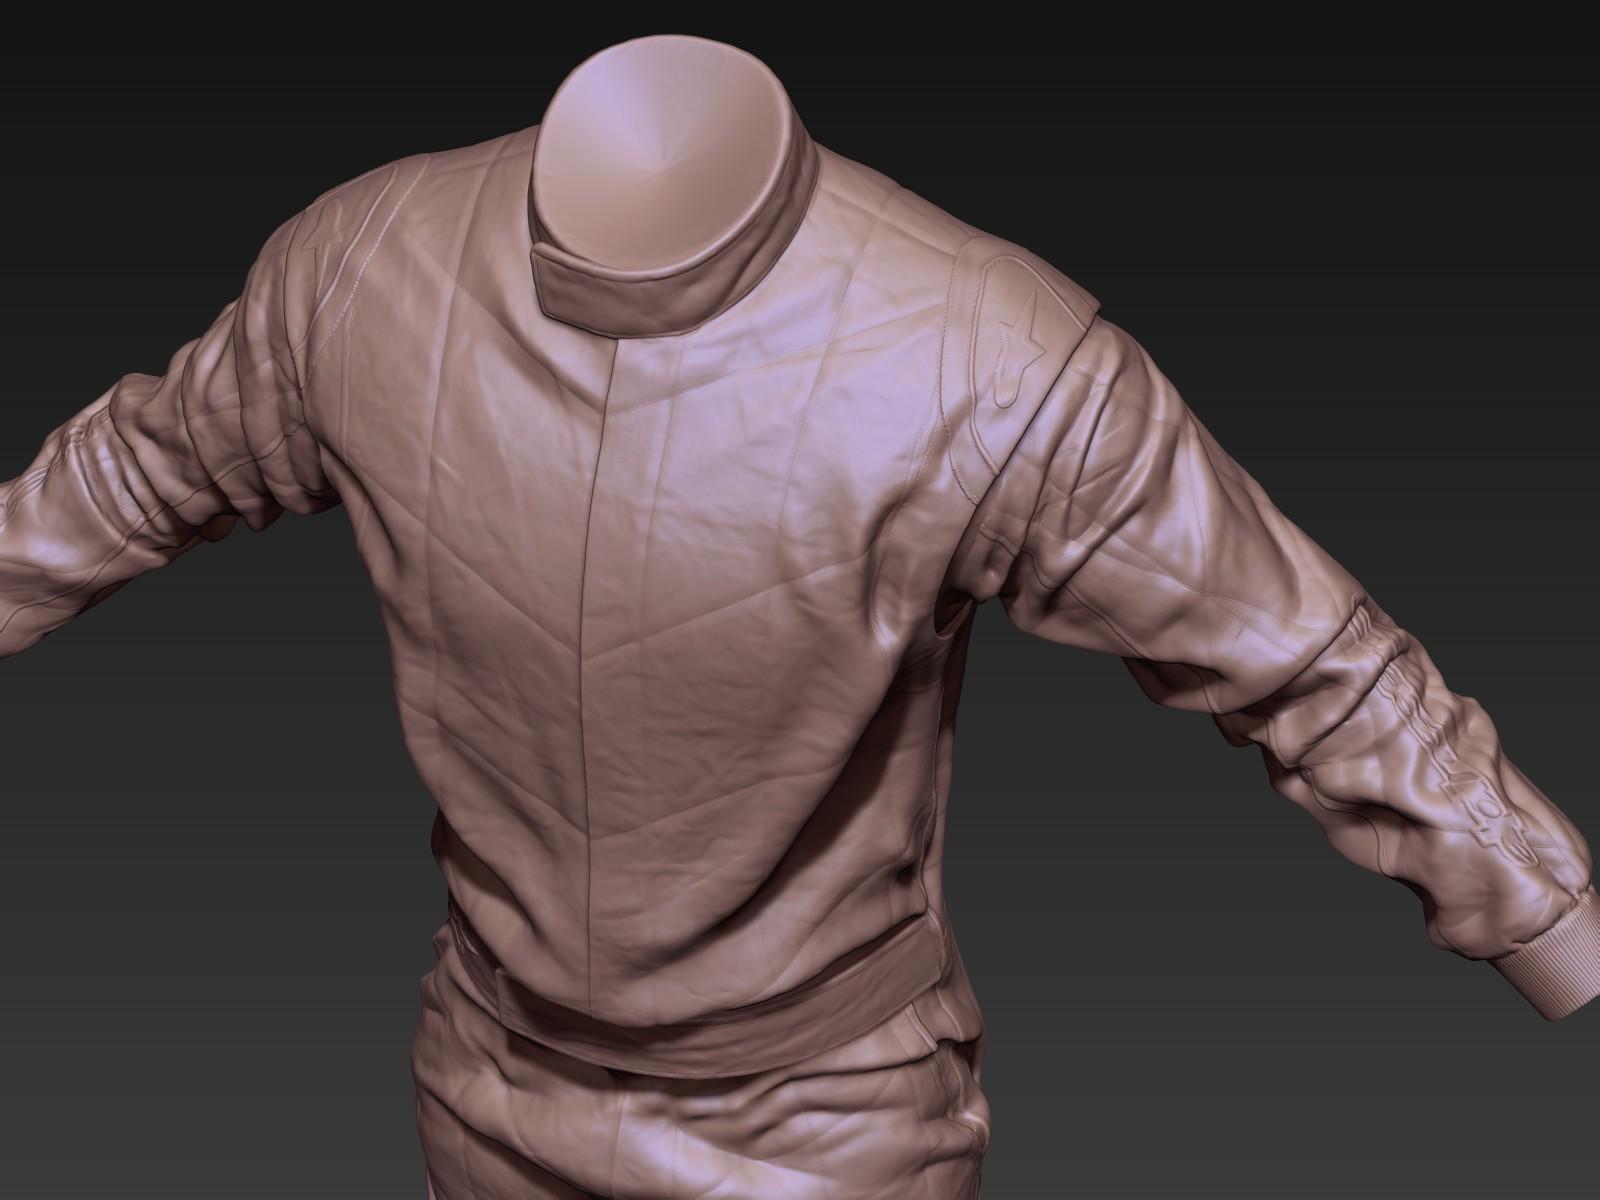 Toby hynes as suit sculpt detail 01